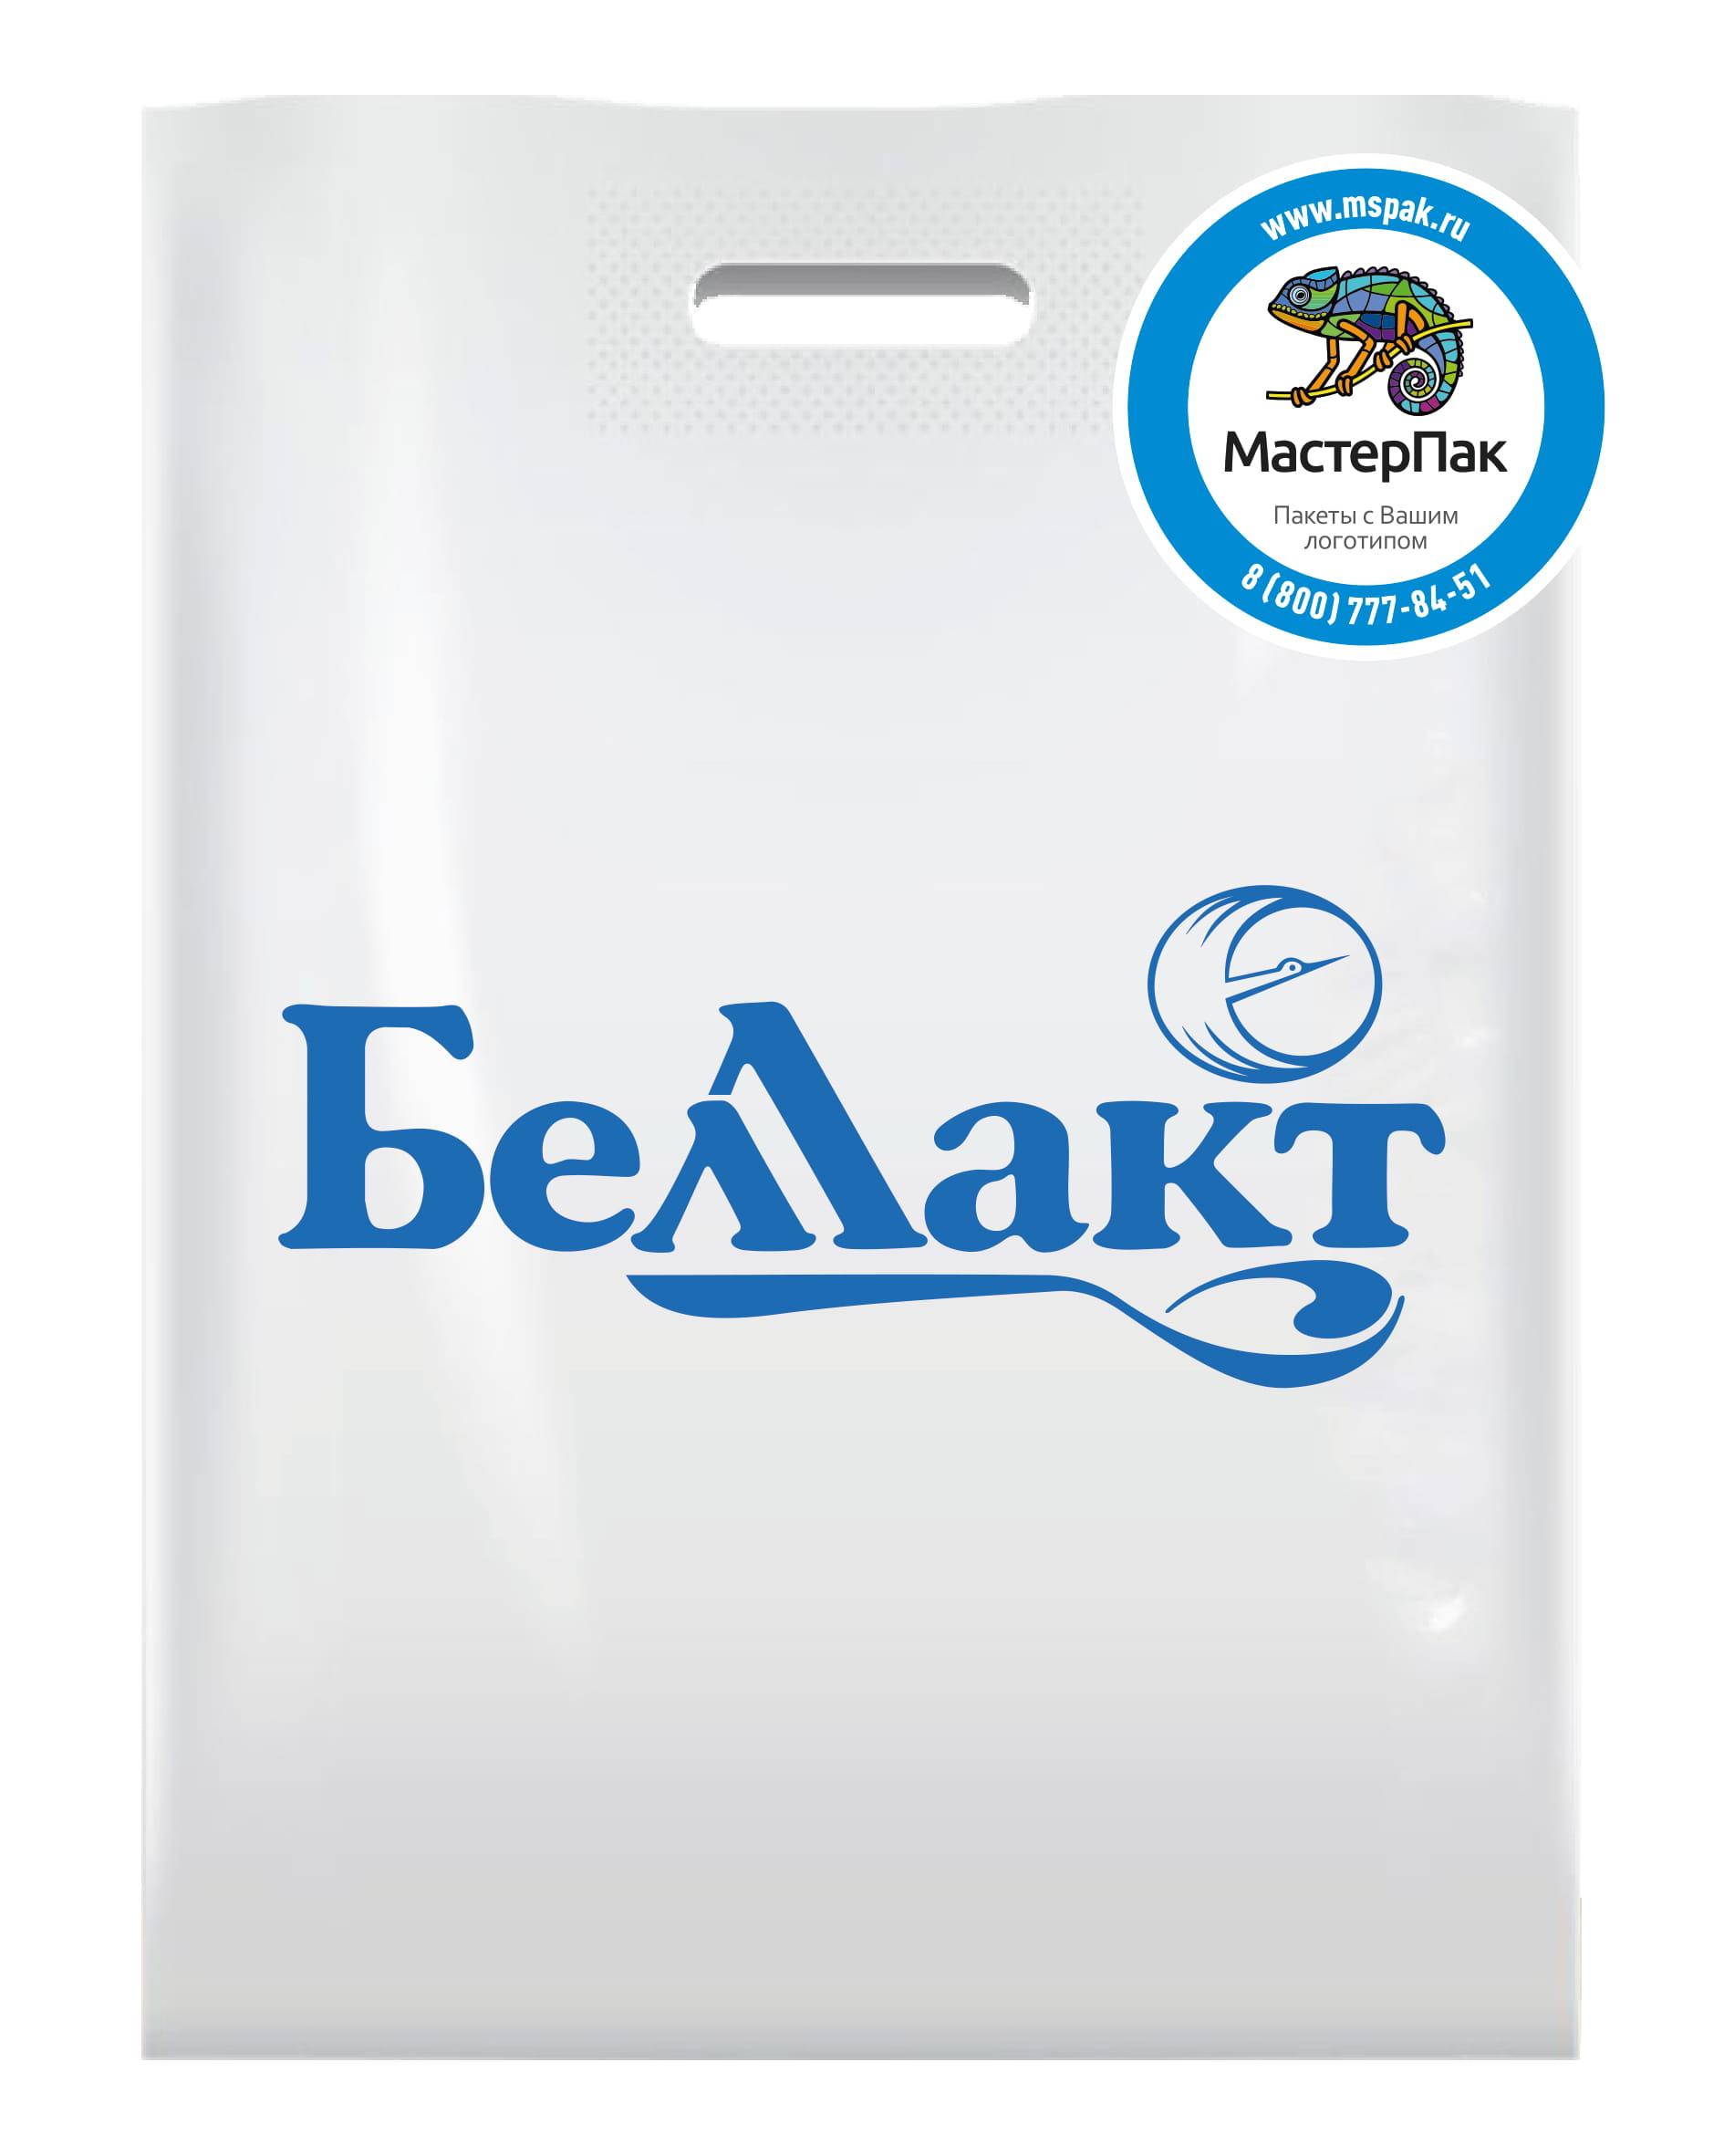 Пакет ПВД с логотипом БелЛакт, вырубная ручка, 70 мкм, 30*40, Москва